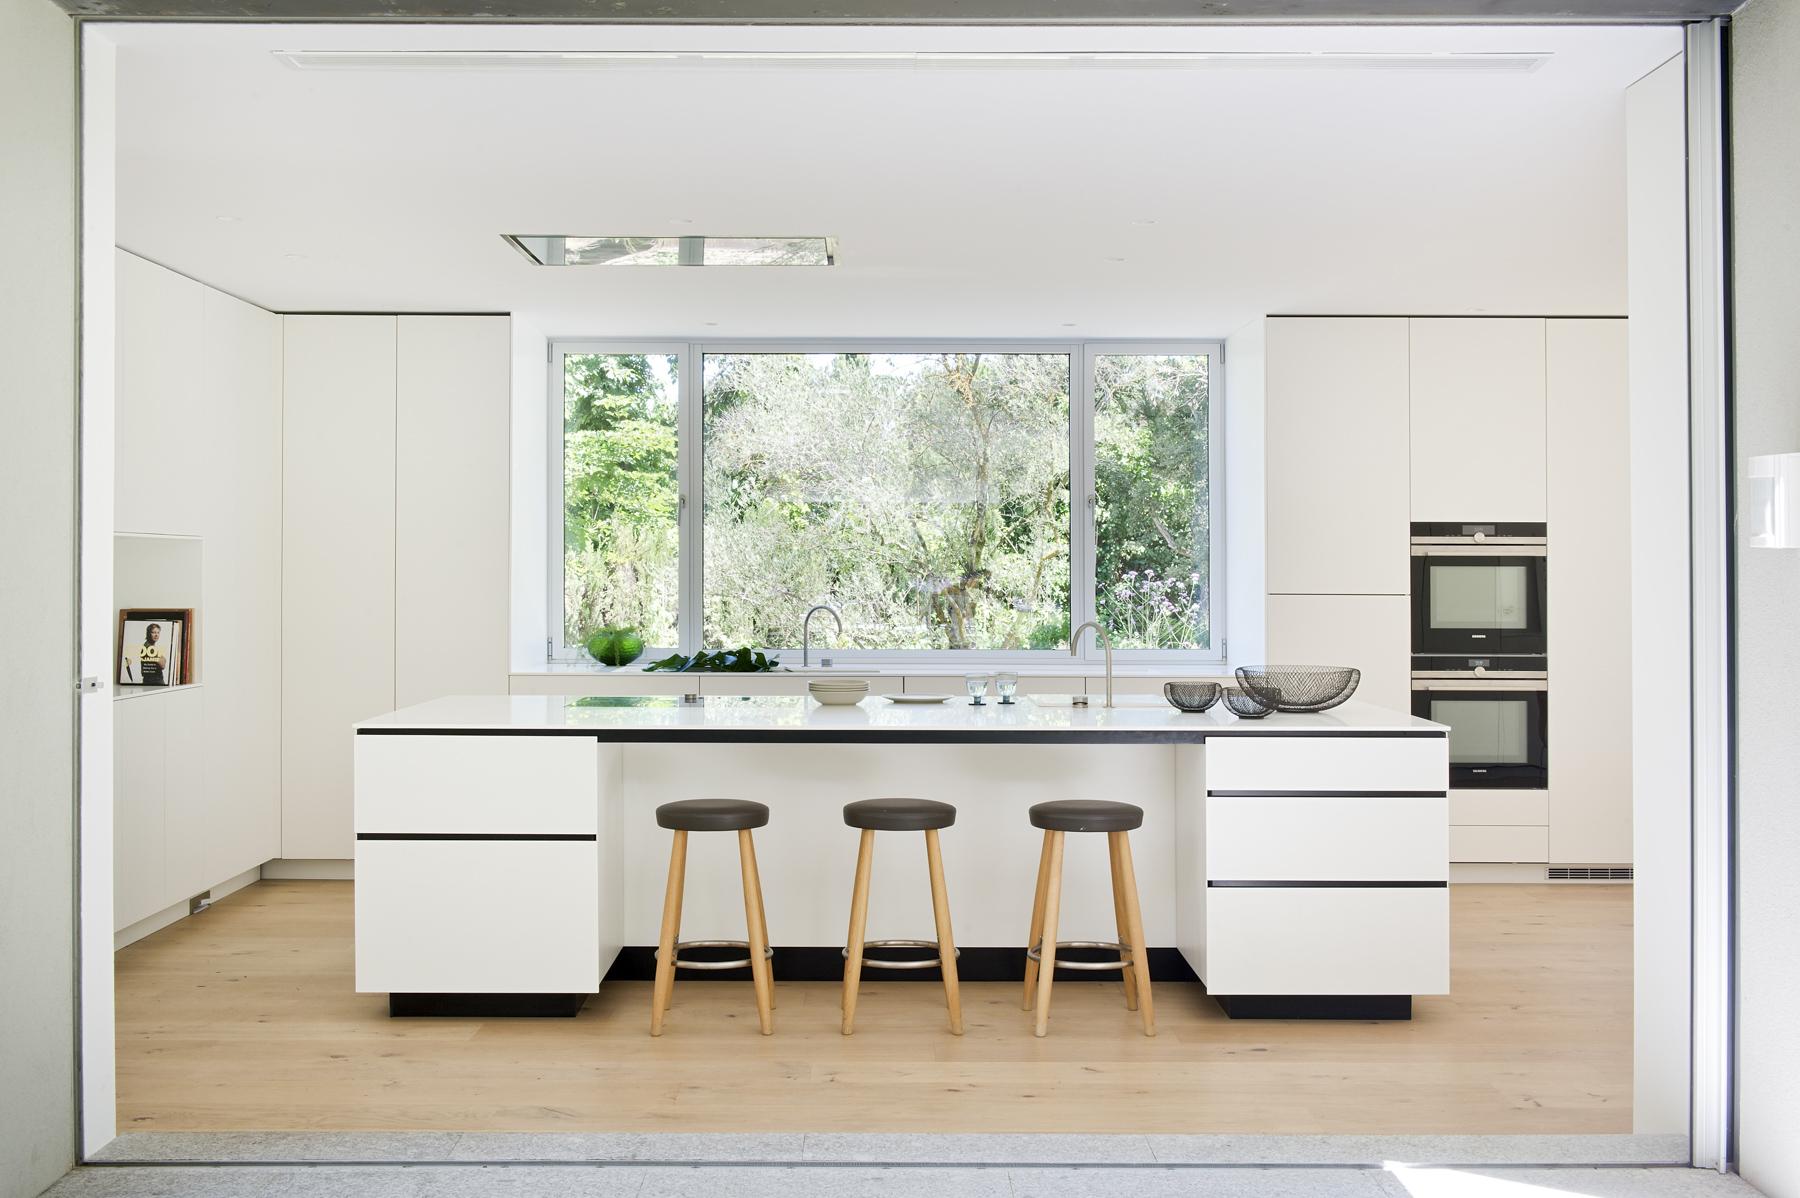 Proyecto de reforma estudio ÁBATON arquitectura. Casa L Cocina